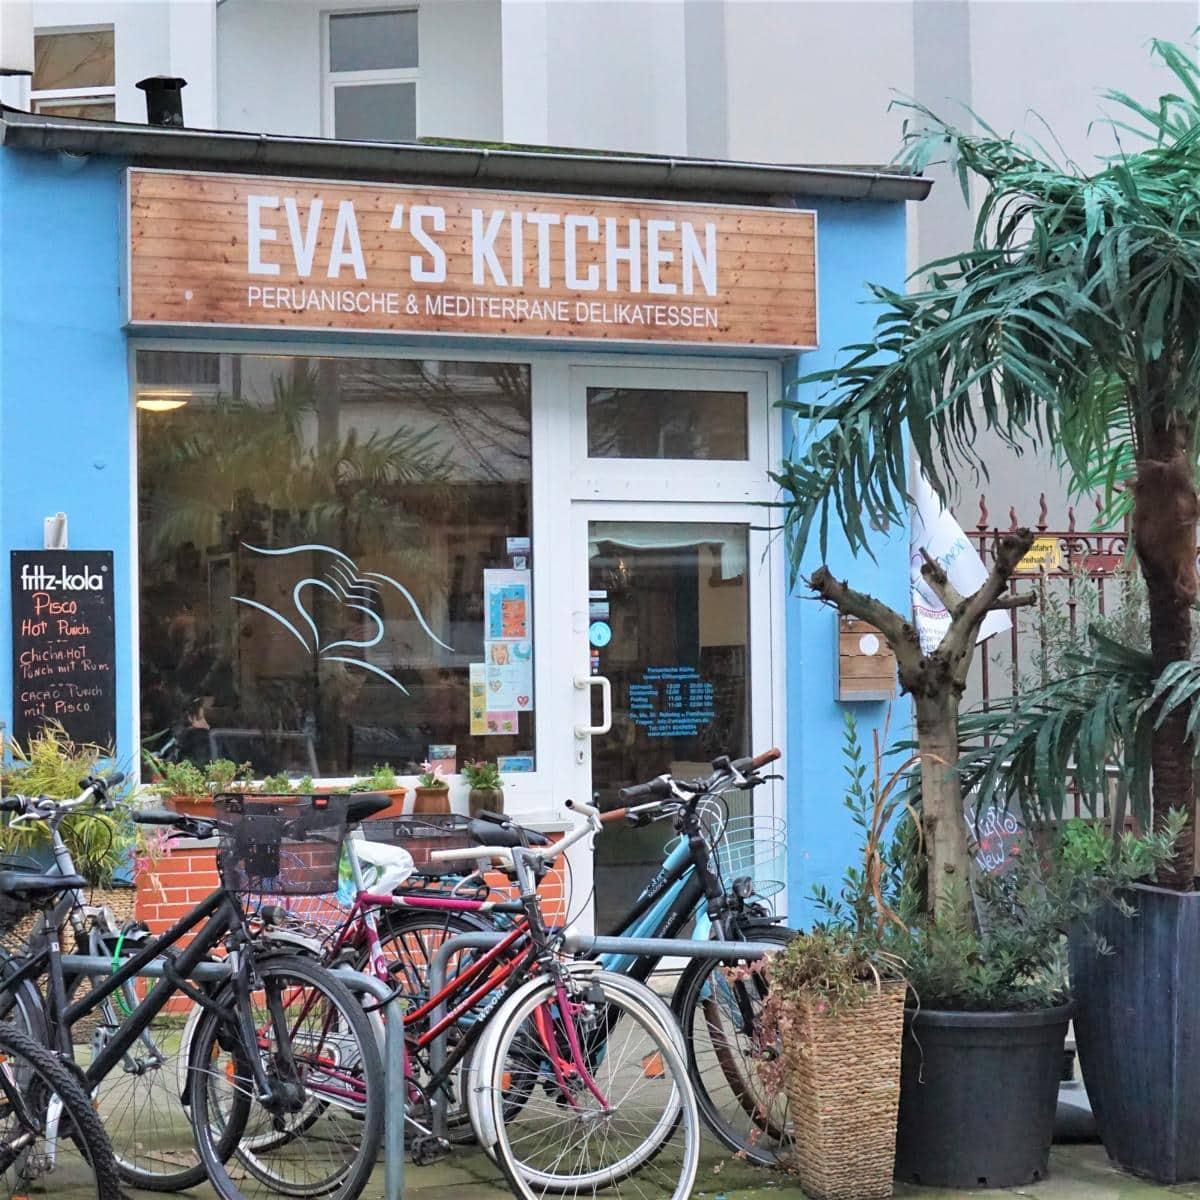 Style Hannover Evas Kitchen 1 - Eva's Kitchen – Peru in Hannover